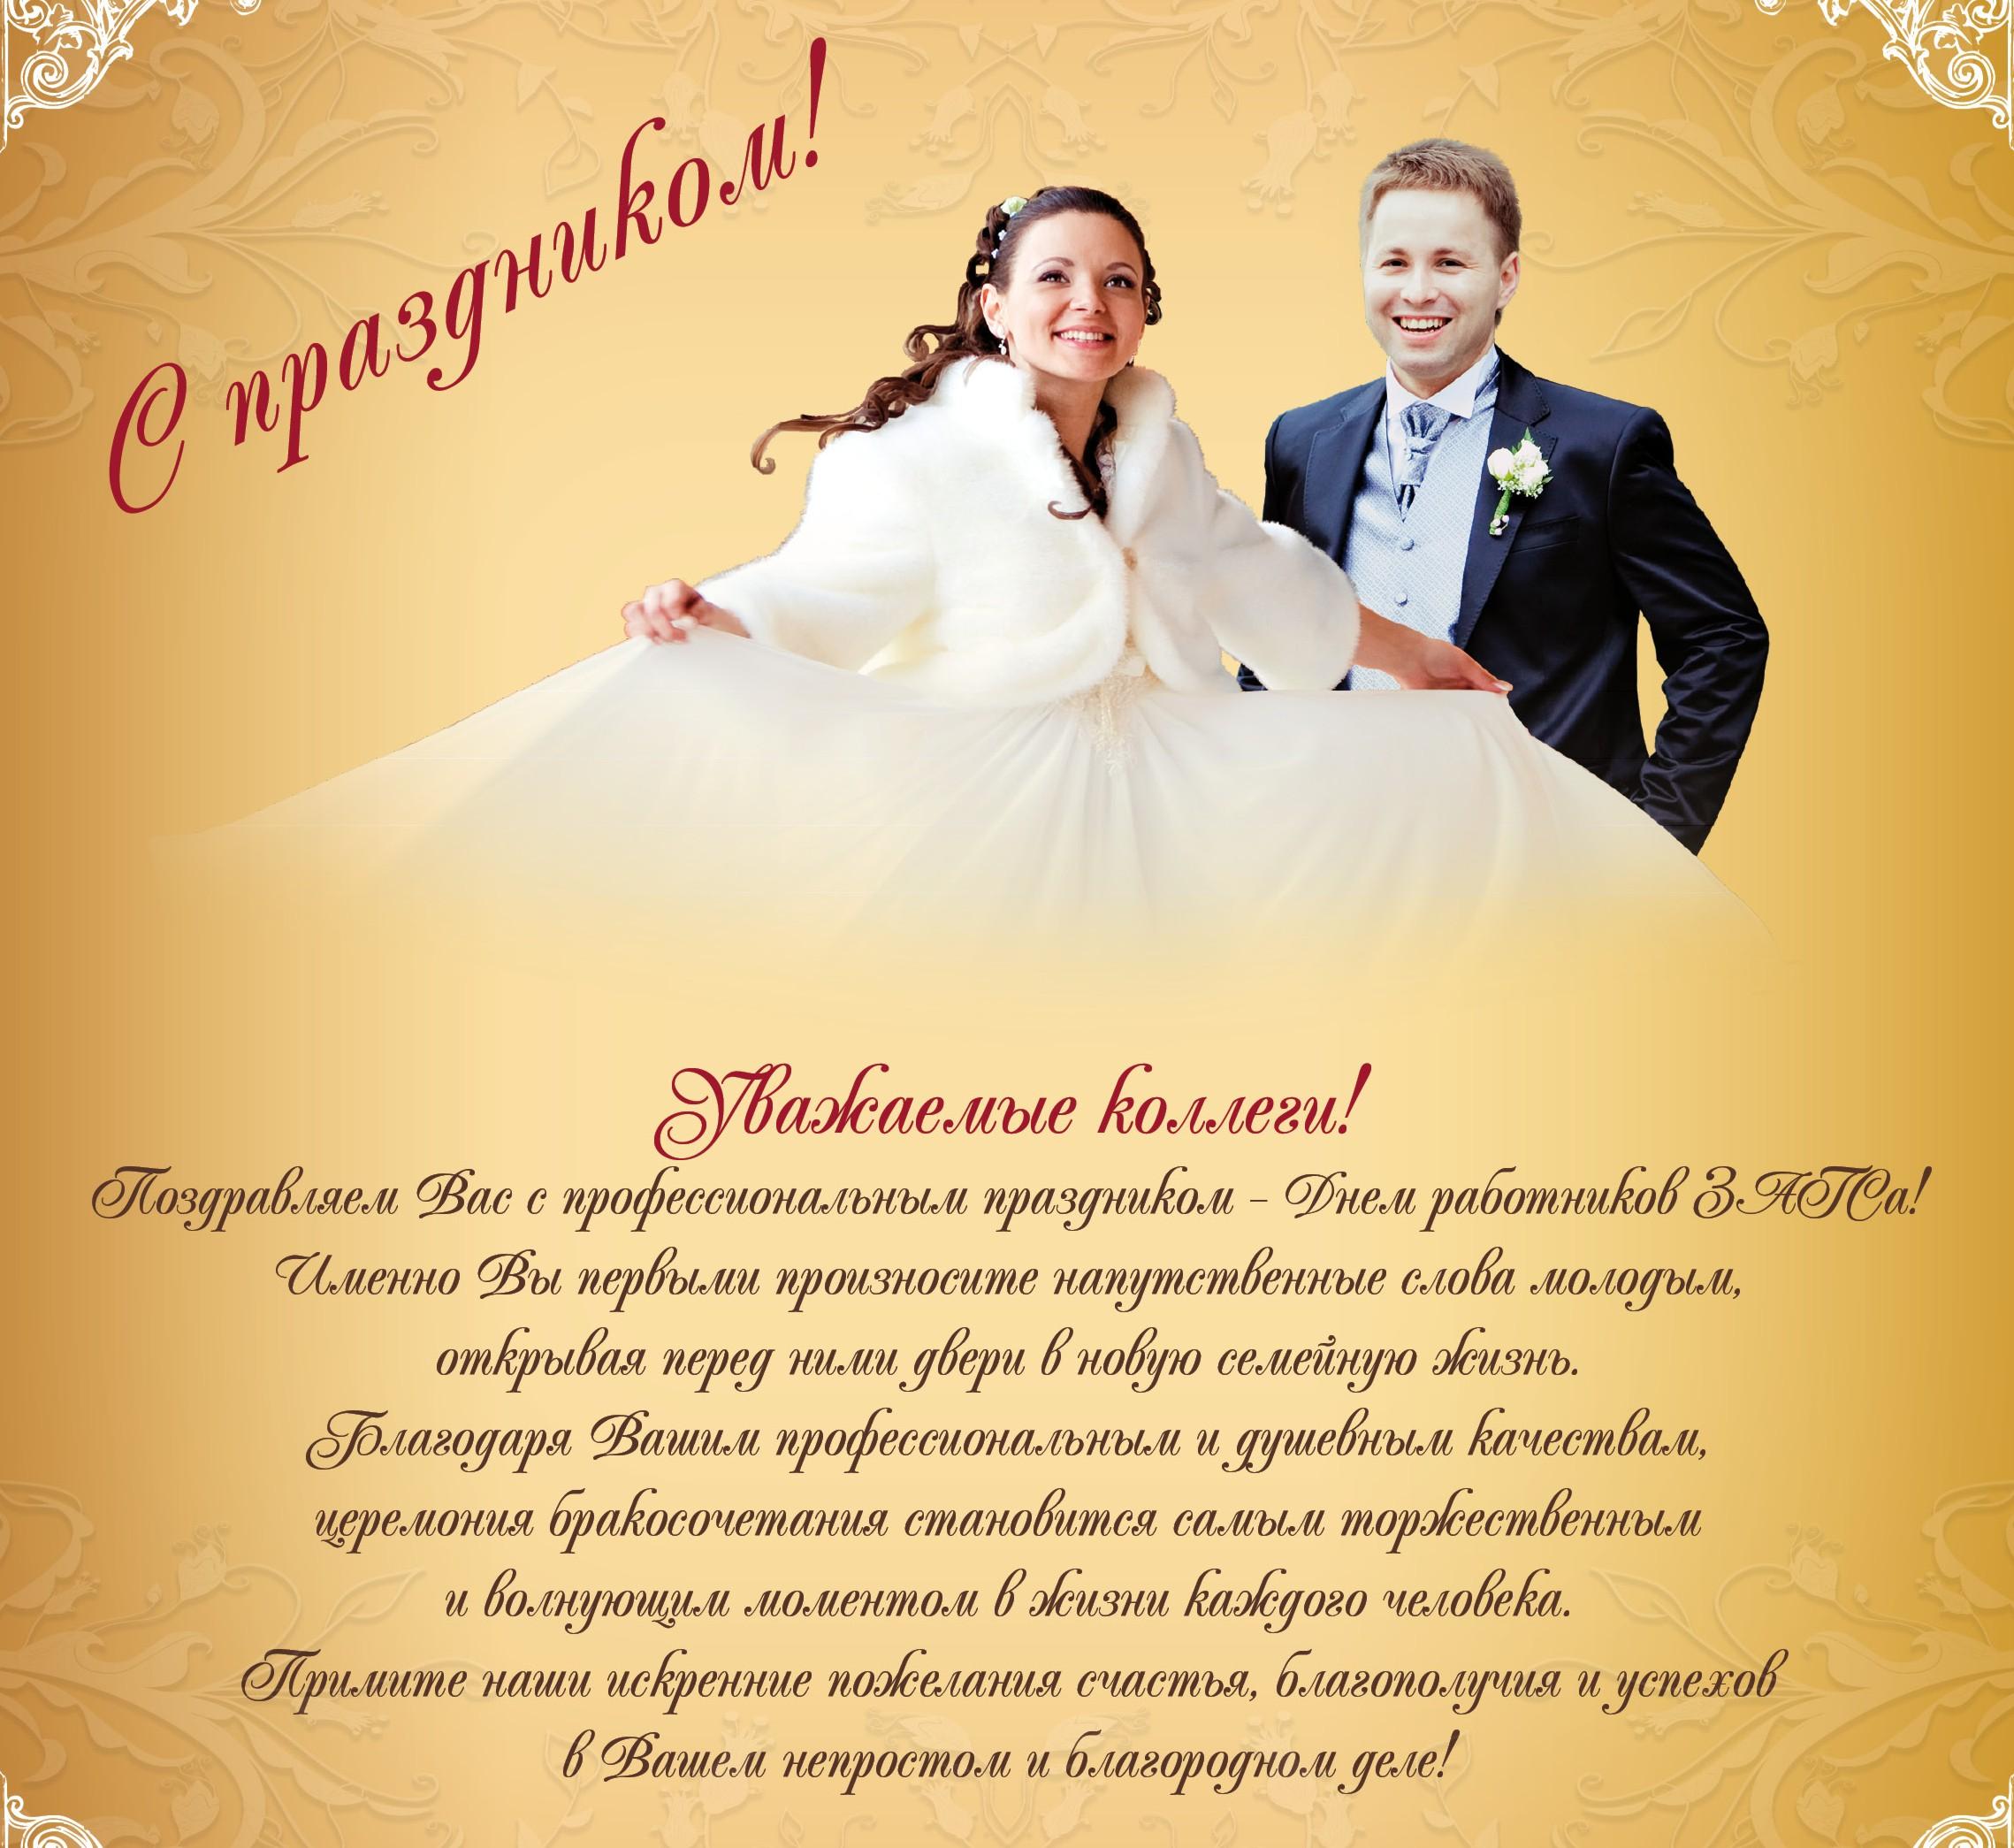 Поздравление с регистрацией брака от губернатора